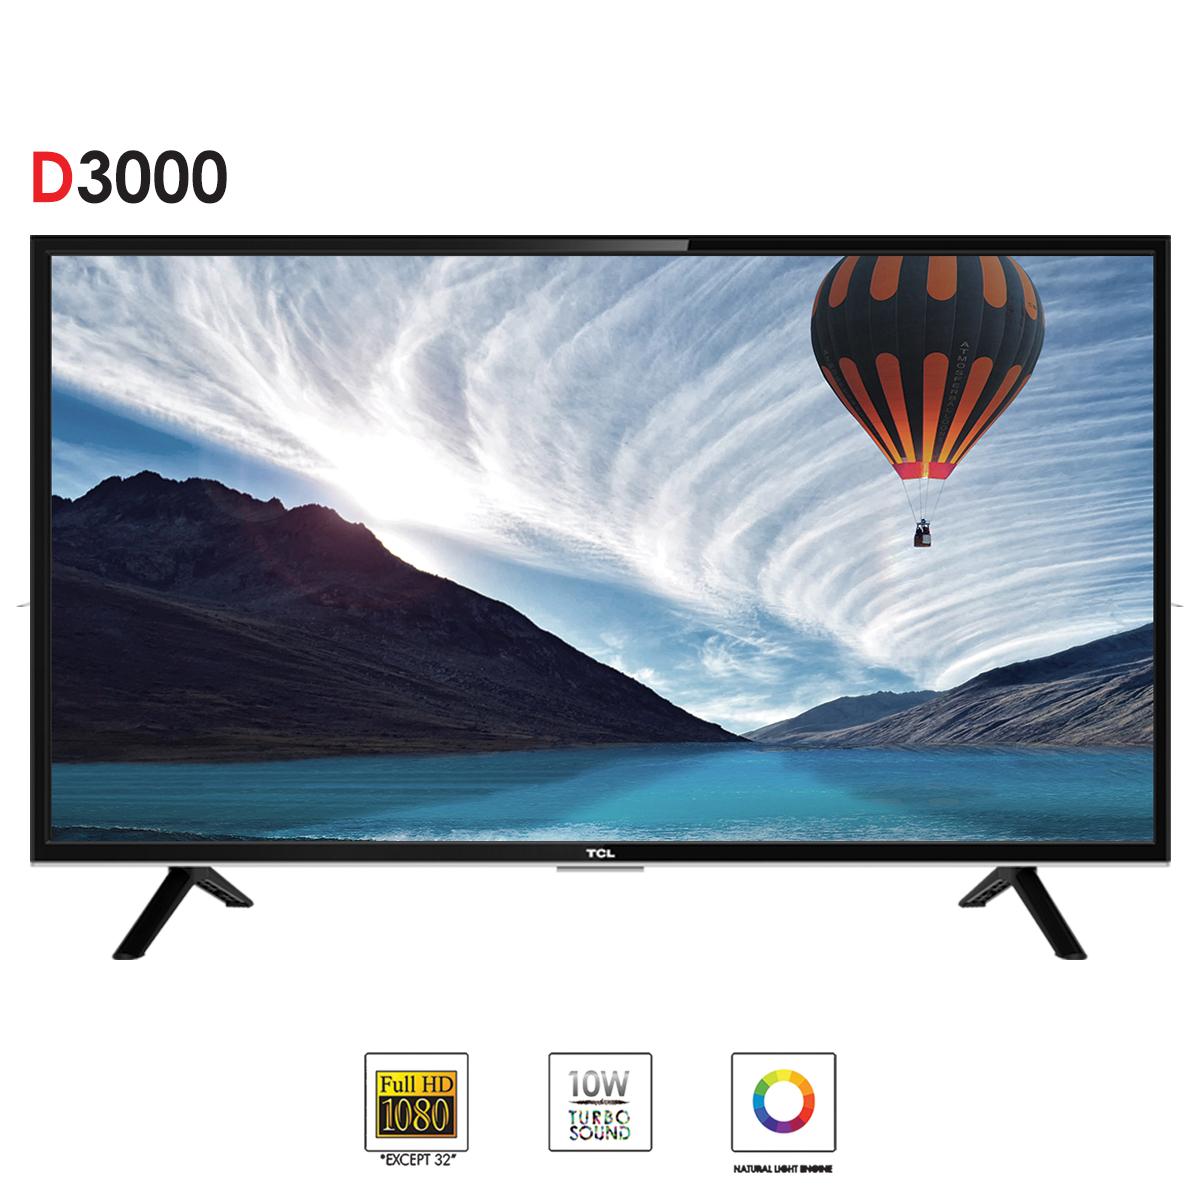 TCL D3000 40  Full HD LED TV - Black